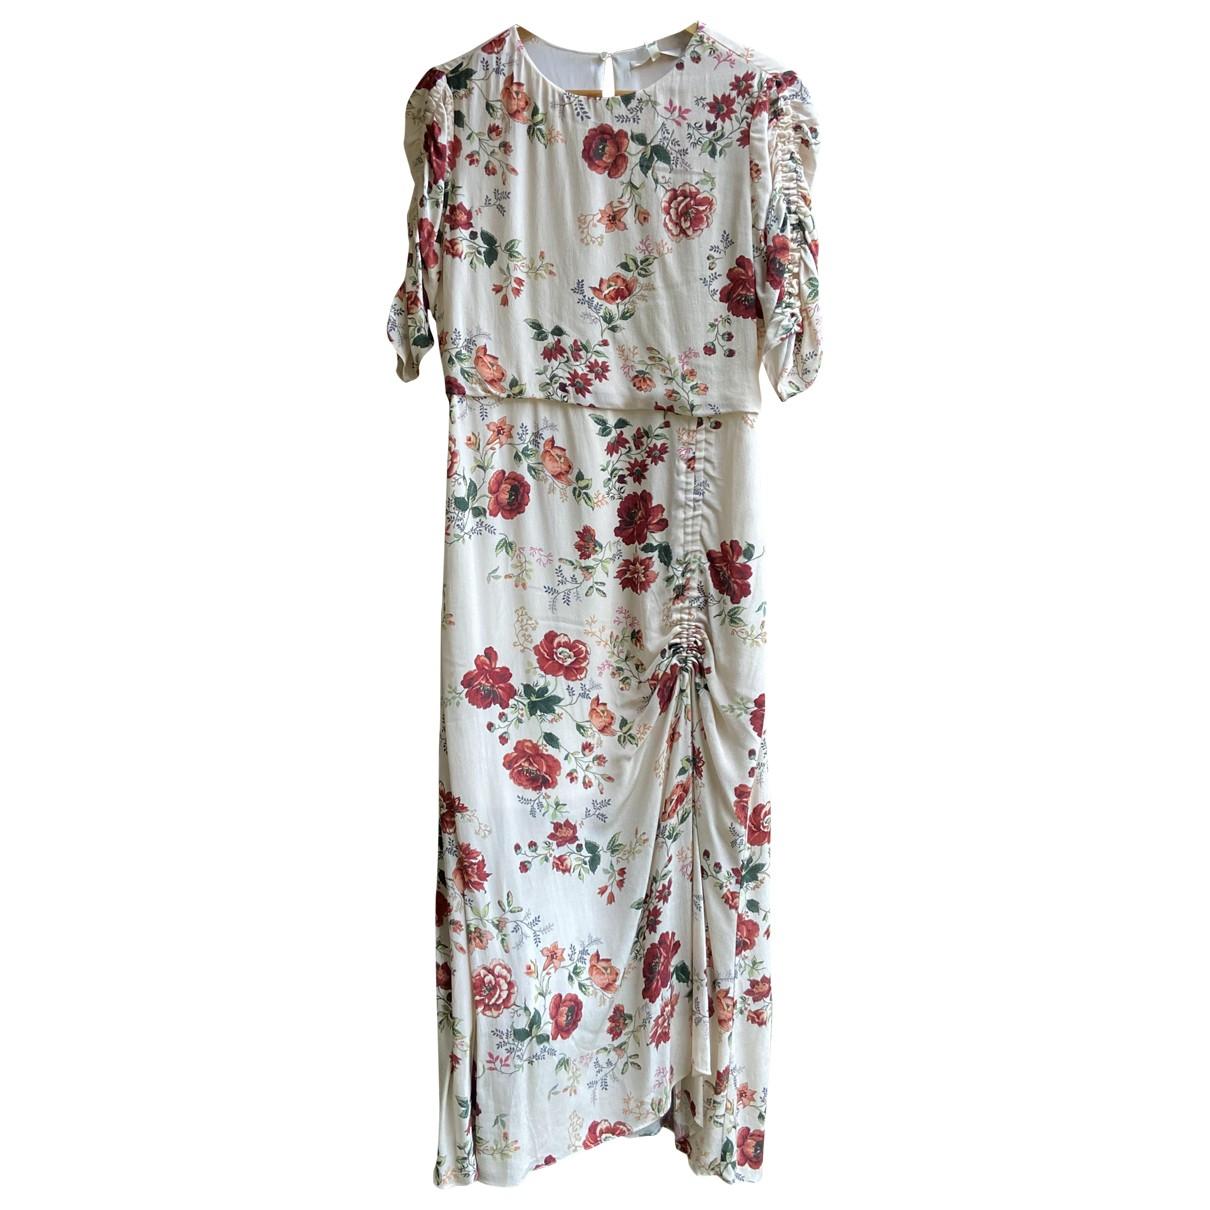 Maje - Robe Spring Summer 2019 pour femme - beige